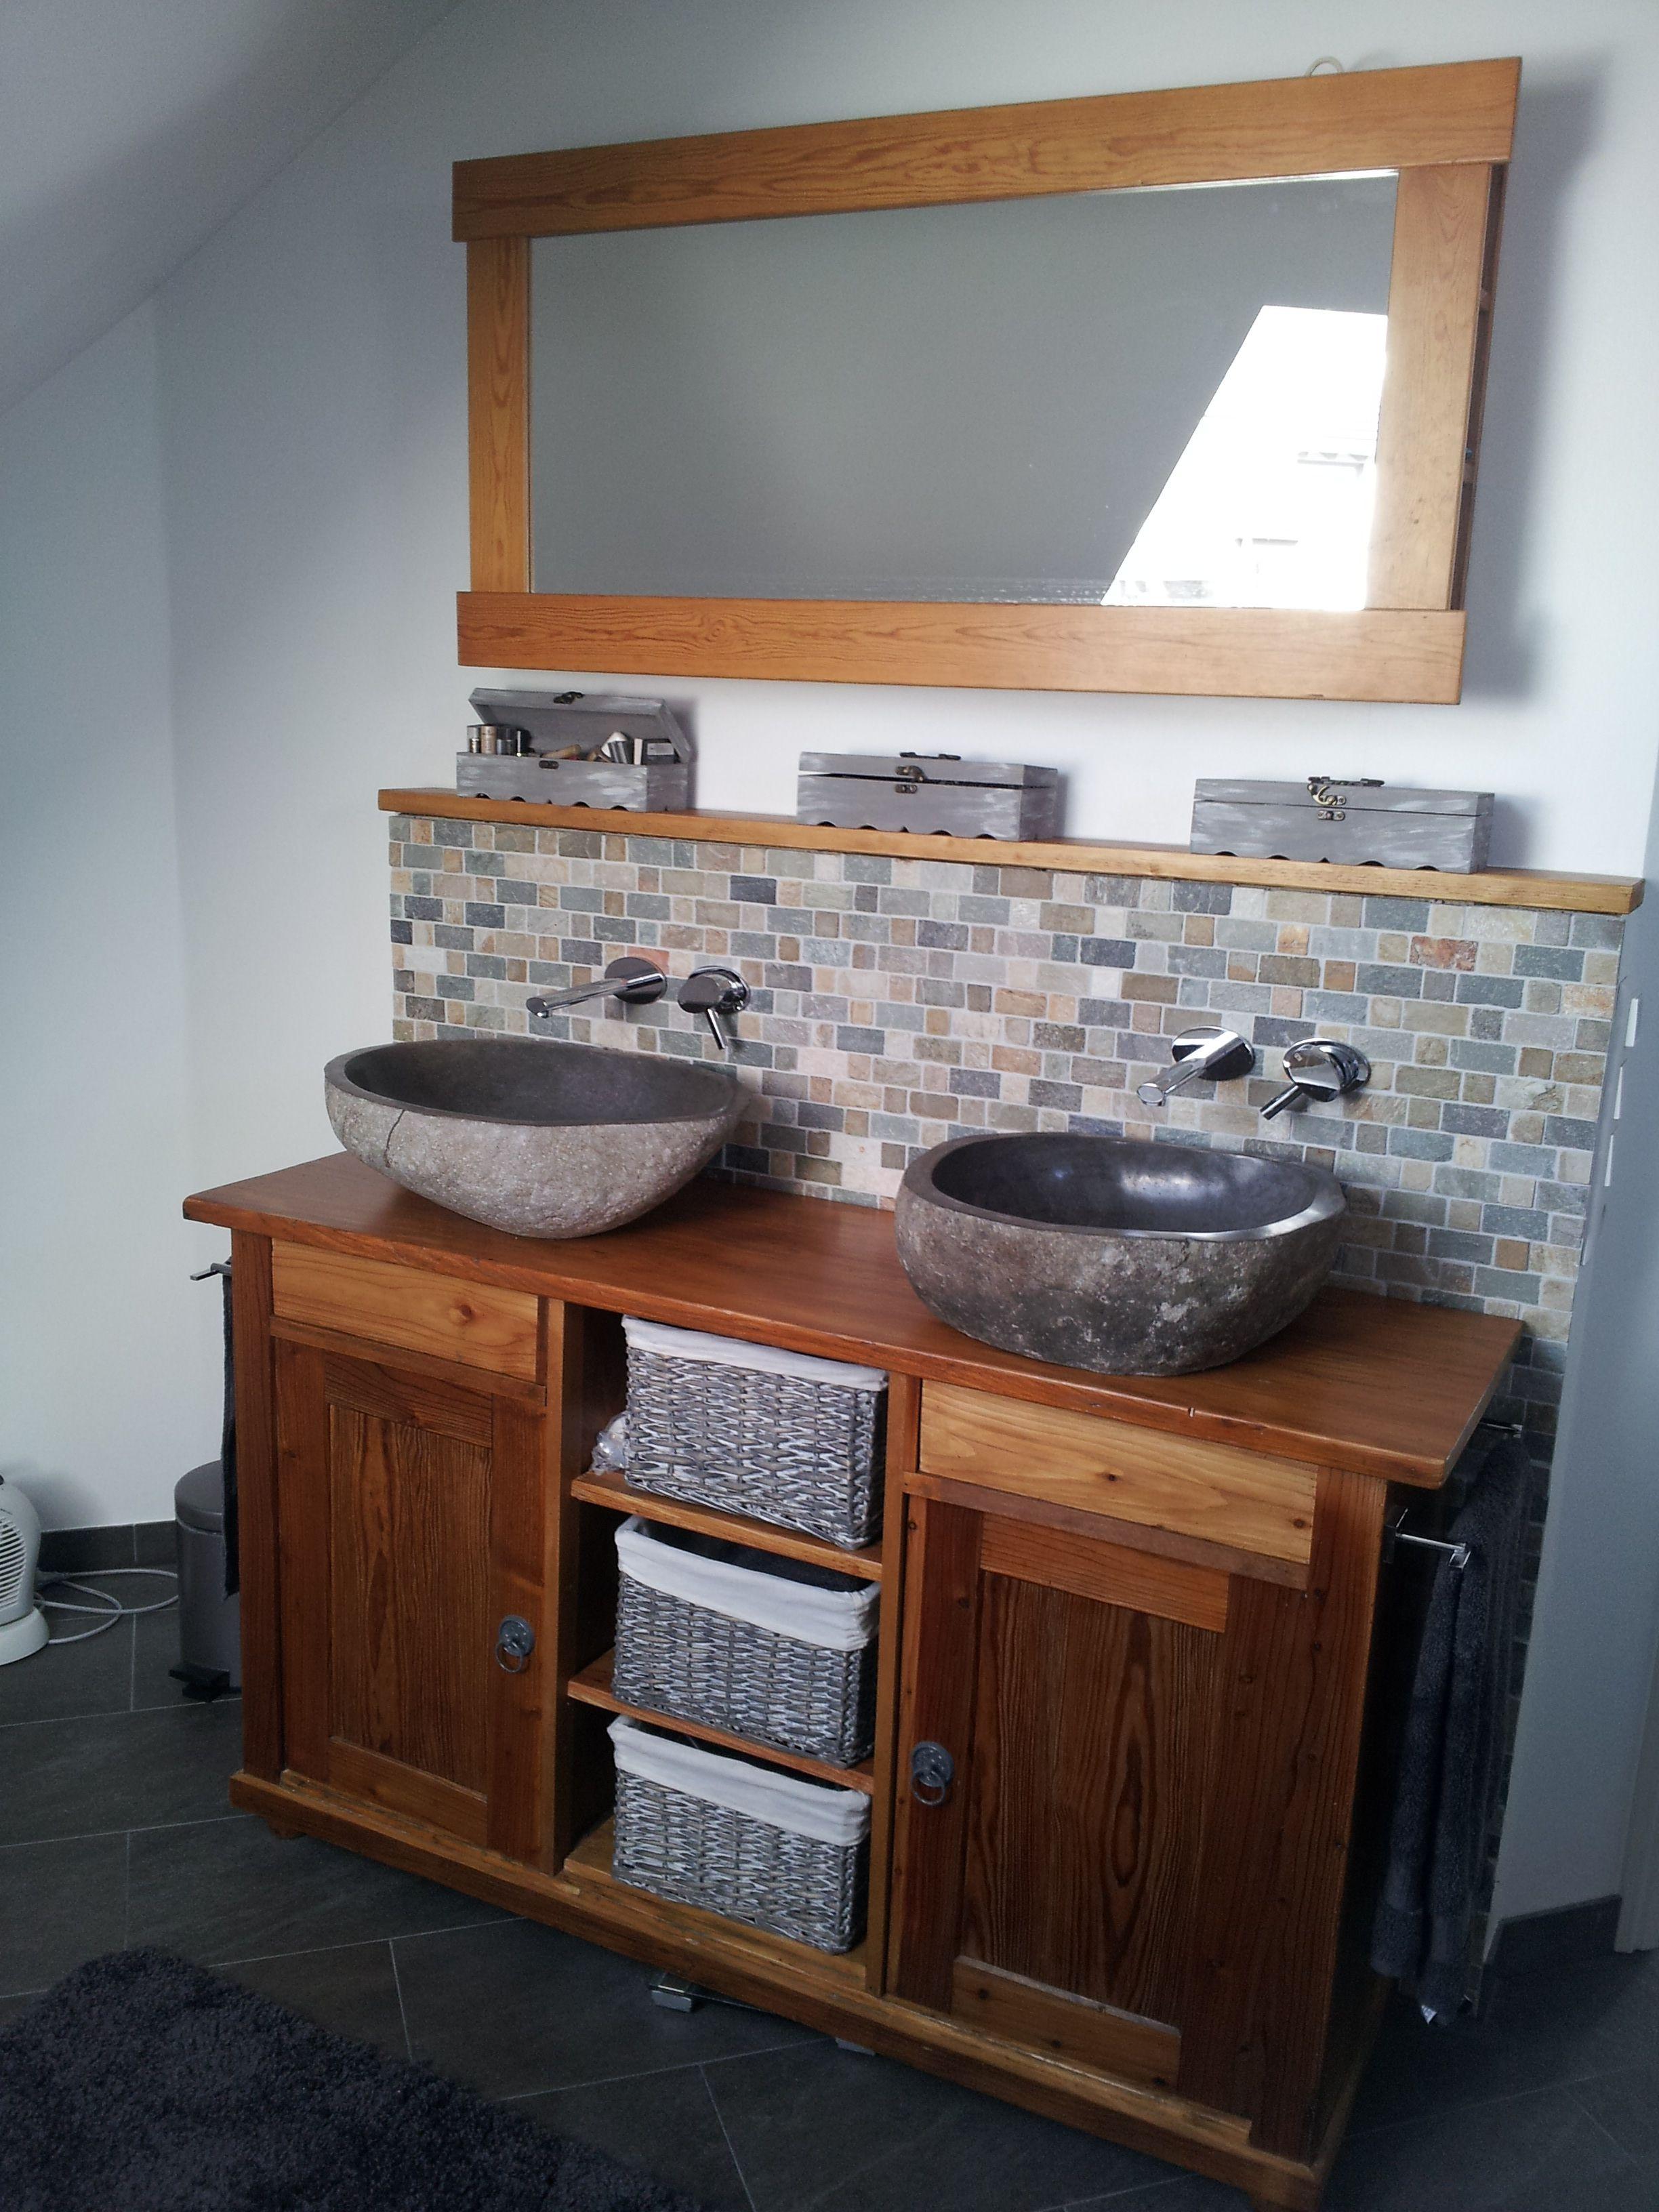 Kommode Als Waschtisch Tolle Farben Badezimmer Waschbecken Design Diy Kommode